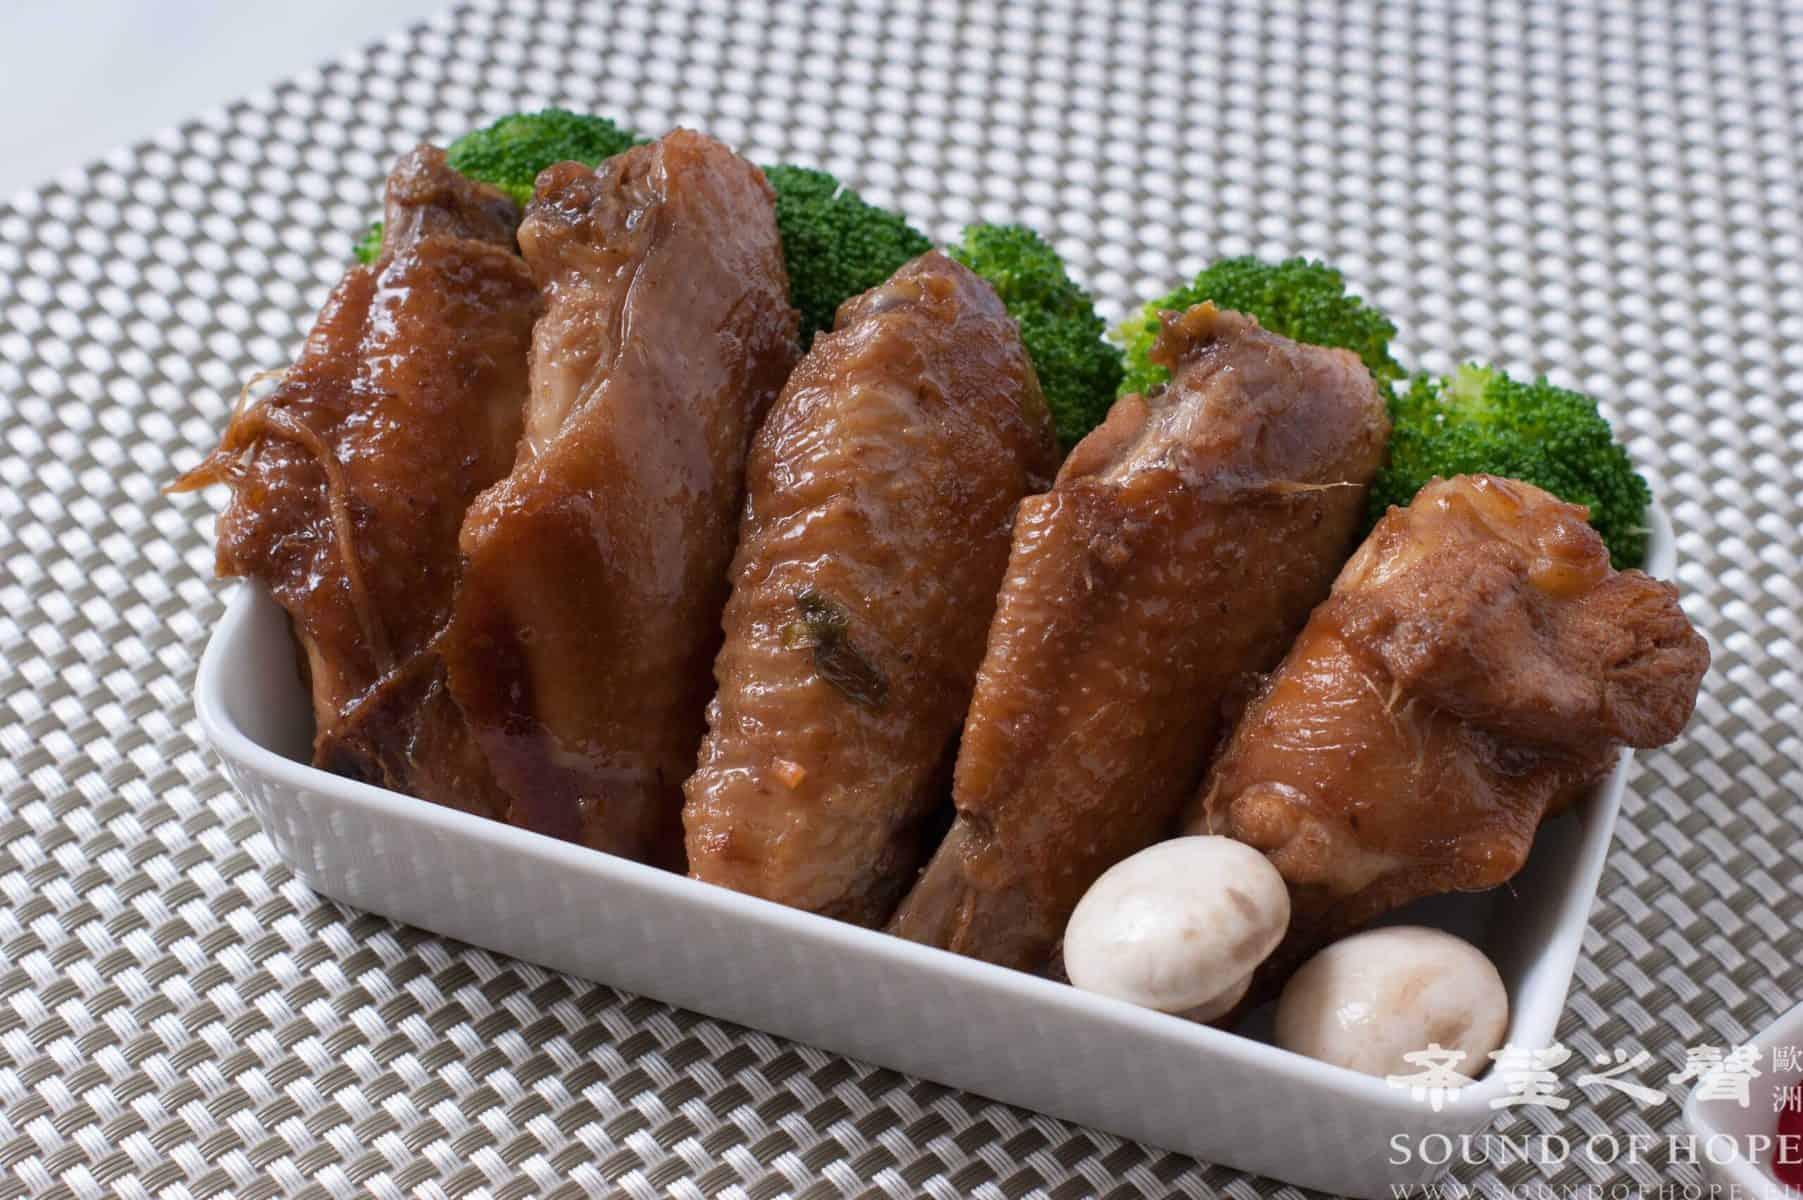 鸡腿便当真好吃。(图片来源:欧洲希望之声 麦克)